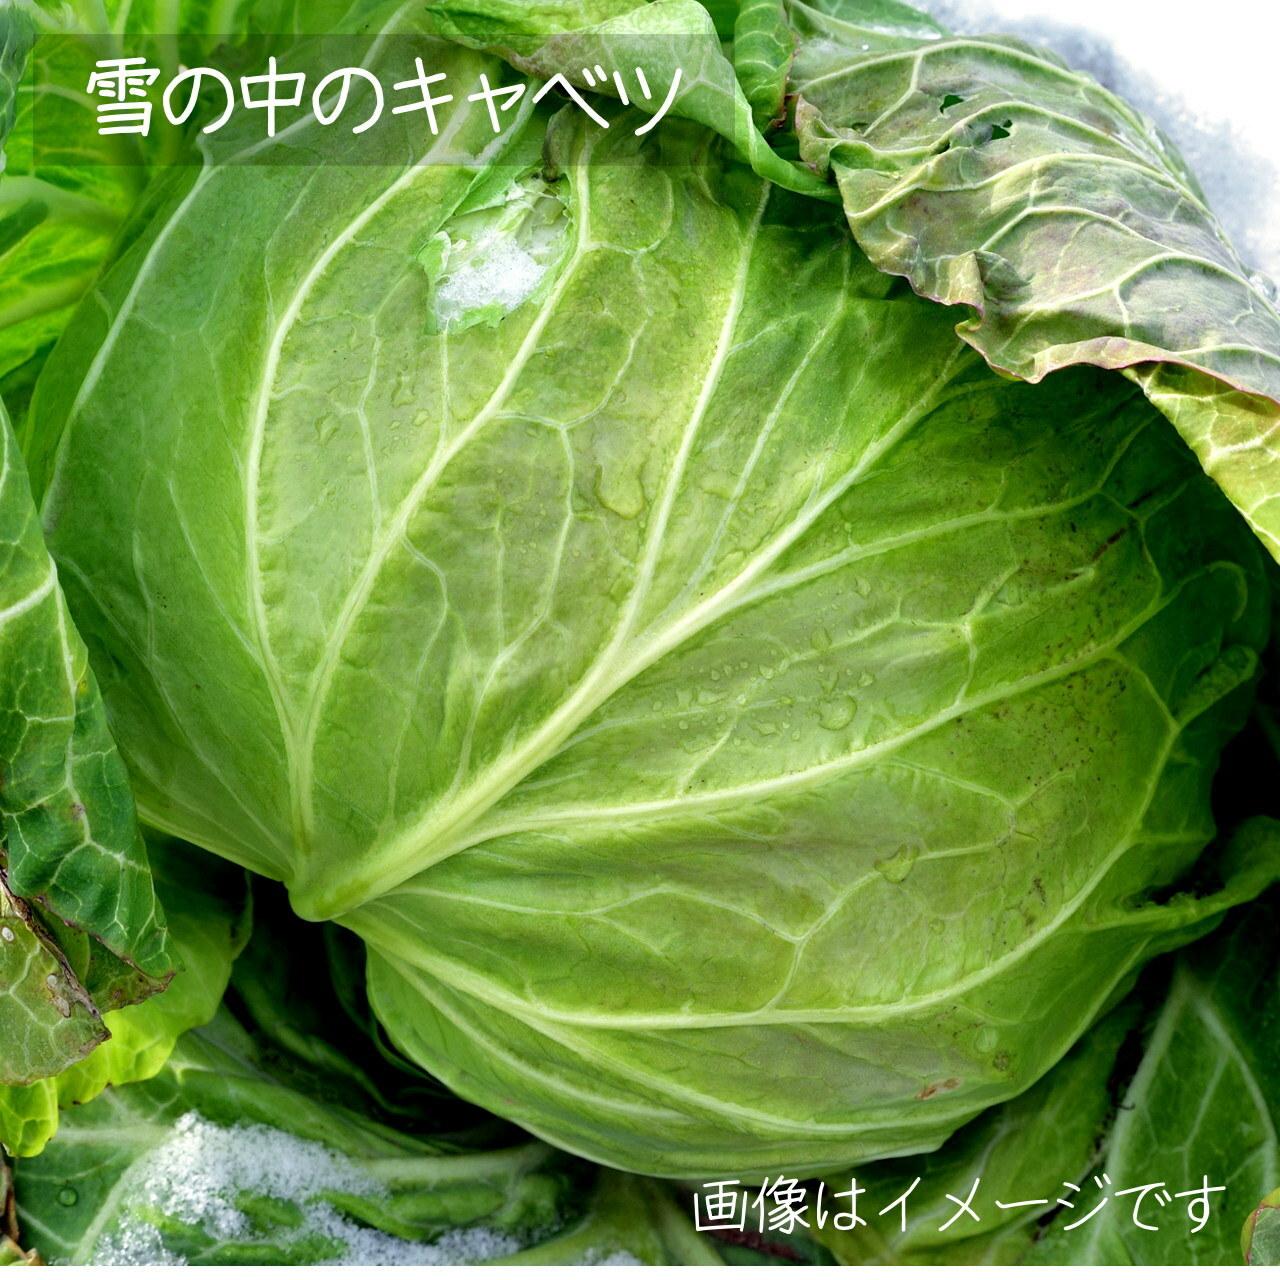 7月新鮮野菜 : キャベツ 1個 朝採り直売野菜 7月20日発送予定